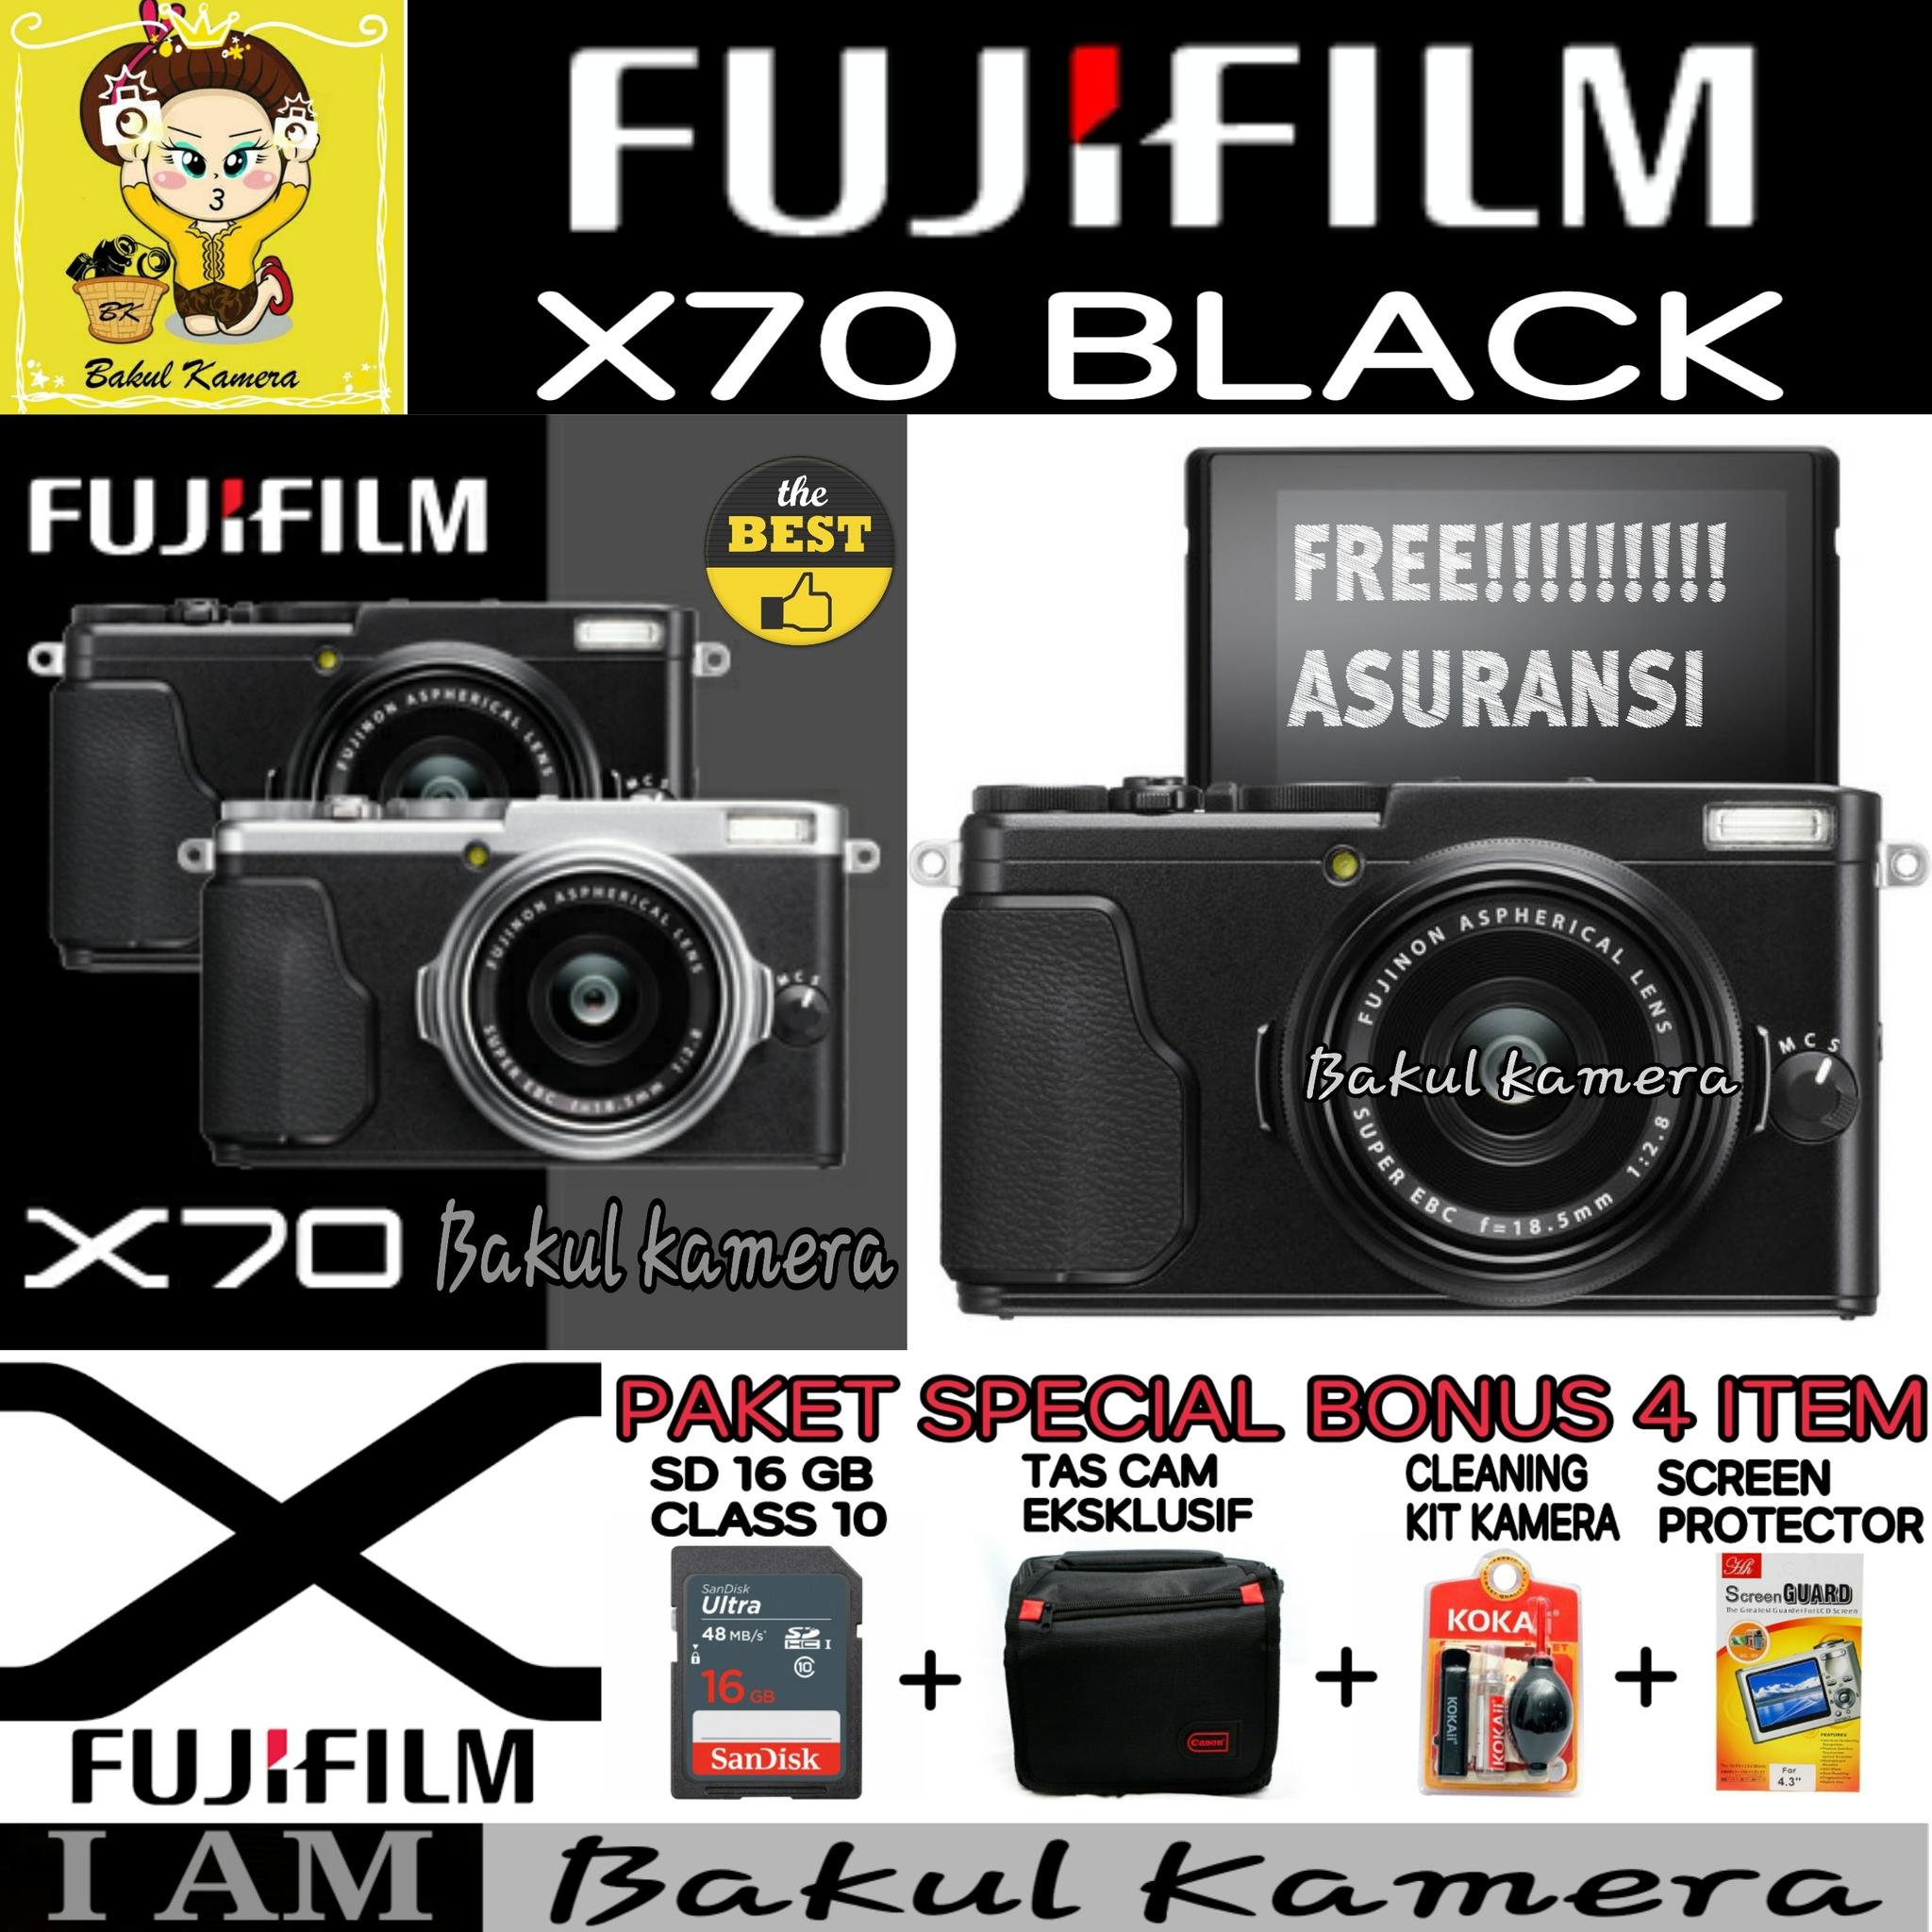 Jual Fujifilm X70 X 70 Bakul Kamera Tokopedia Digital Camera Paket